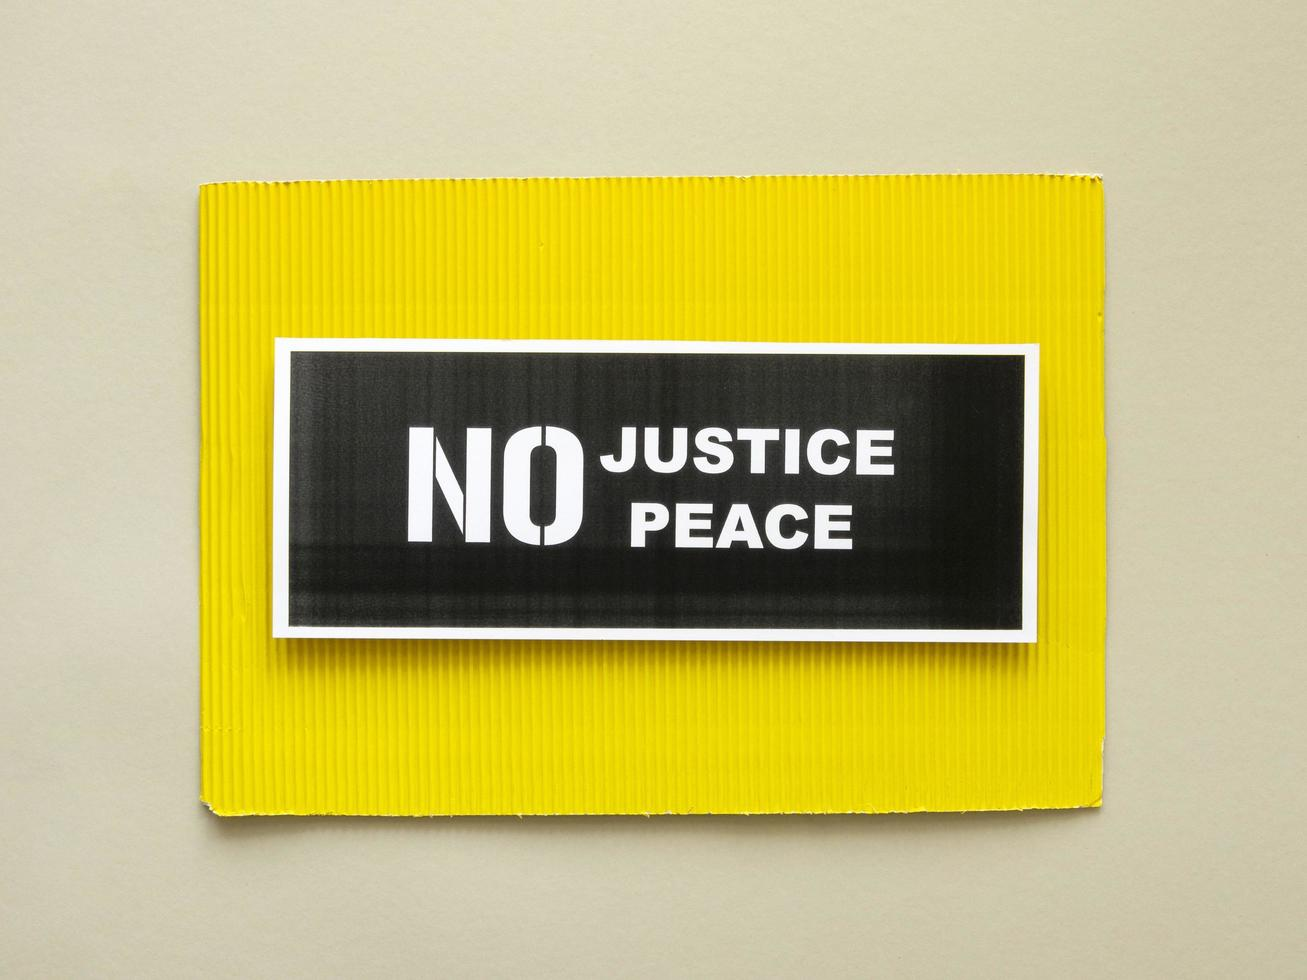 ingen rättvisa inget fredsprotest tecken foto